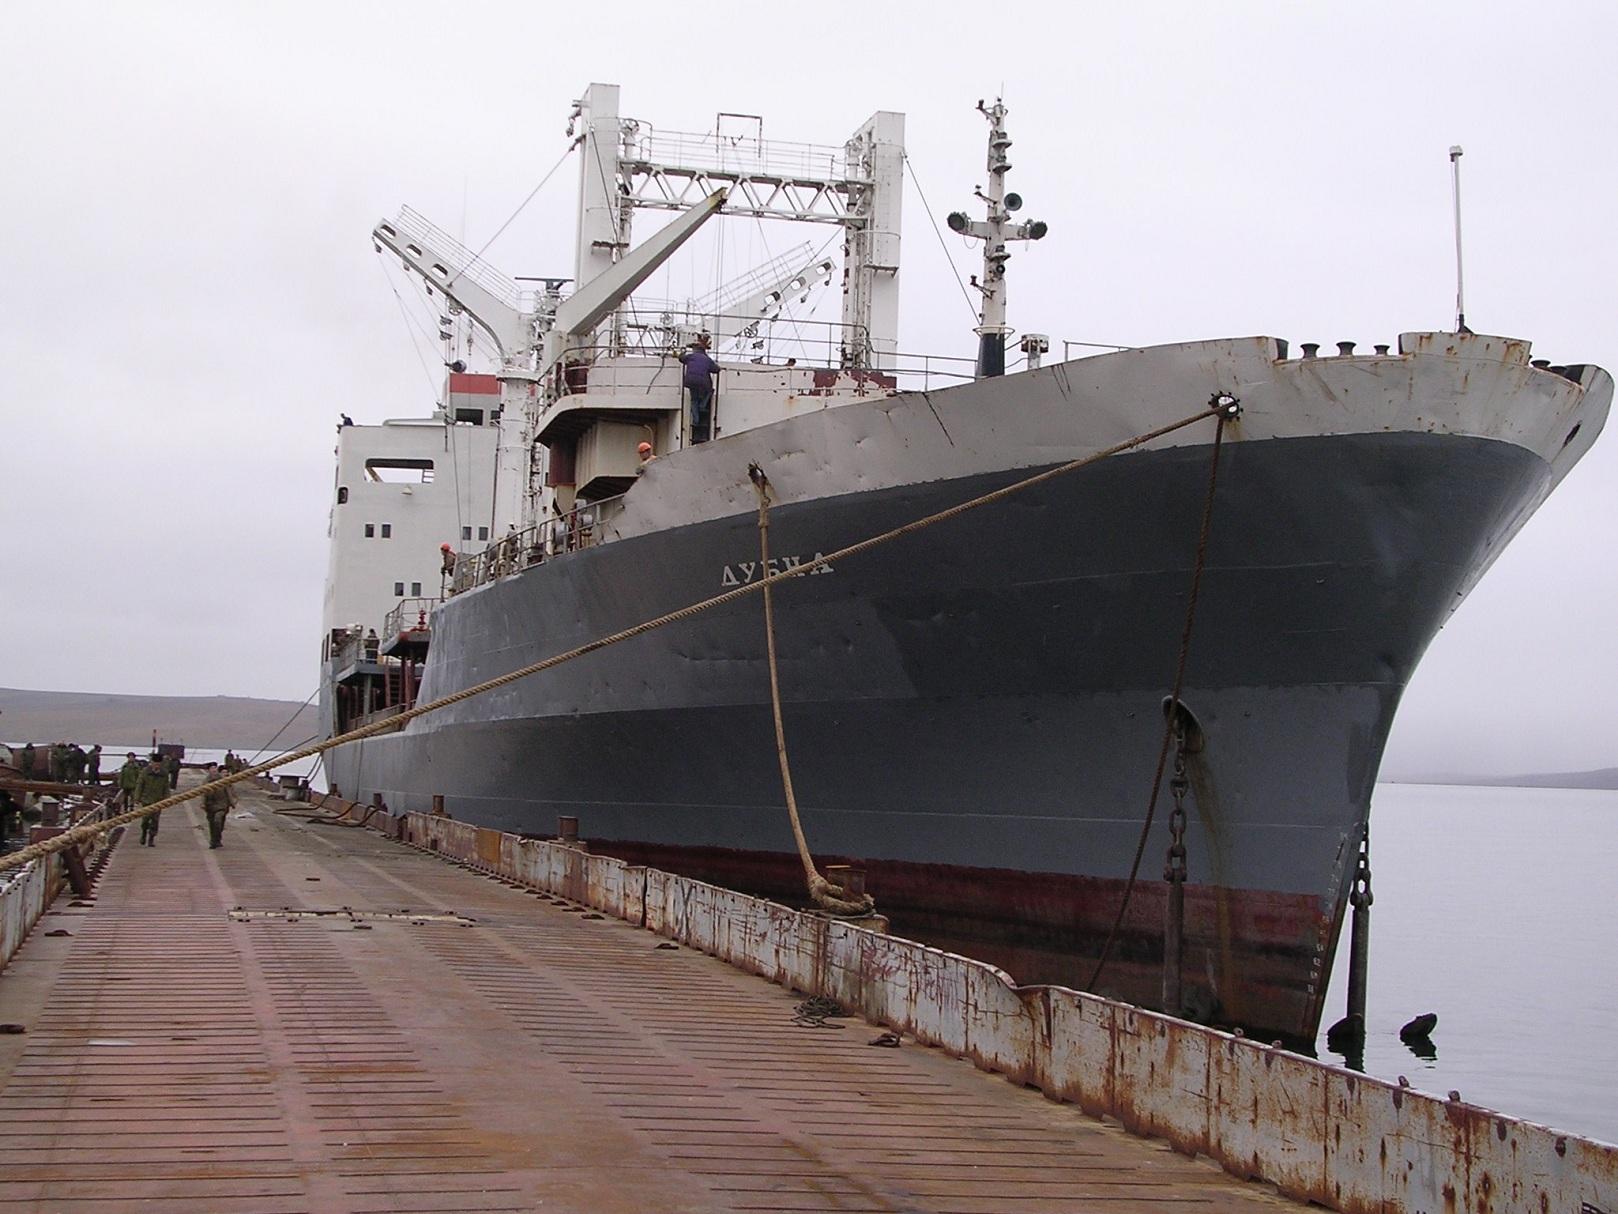 Суда Северного флота «Алтай» и «Дубна» возвращаются на домой